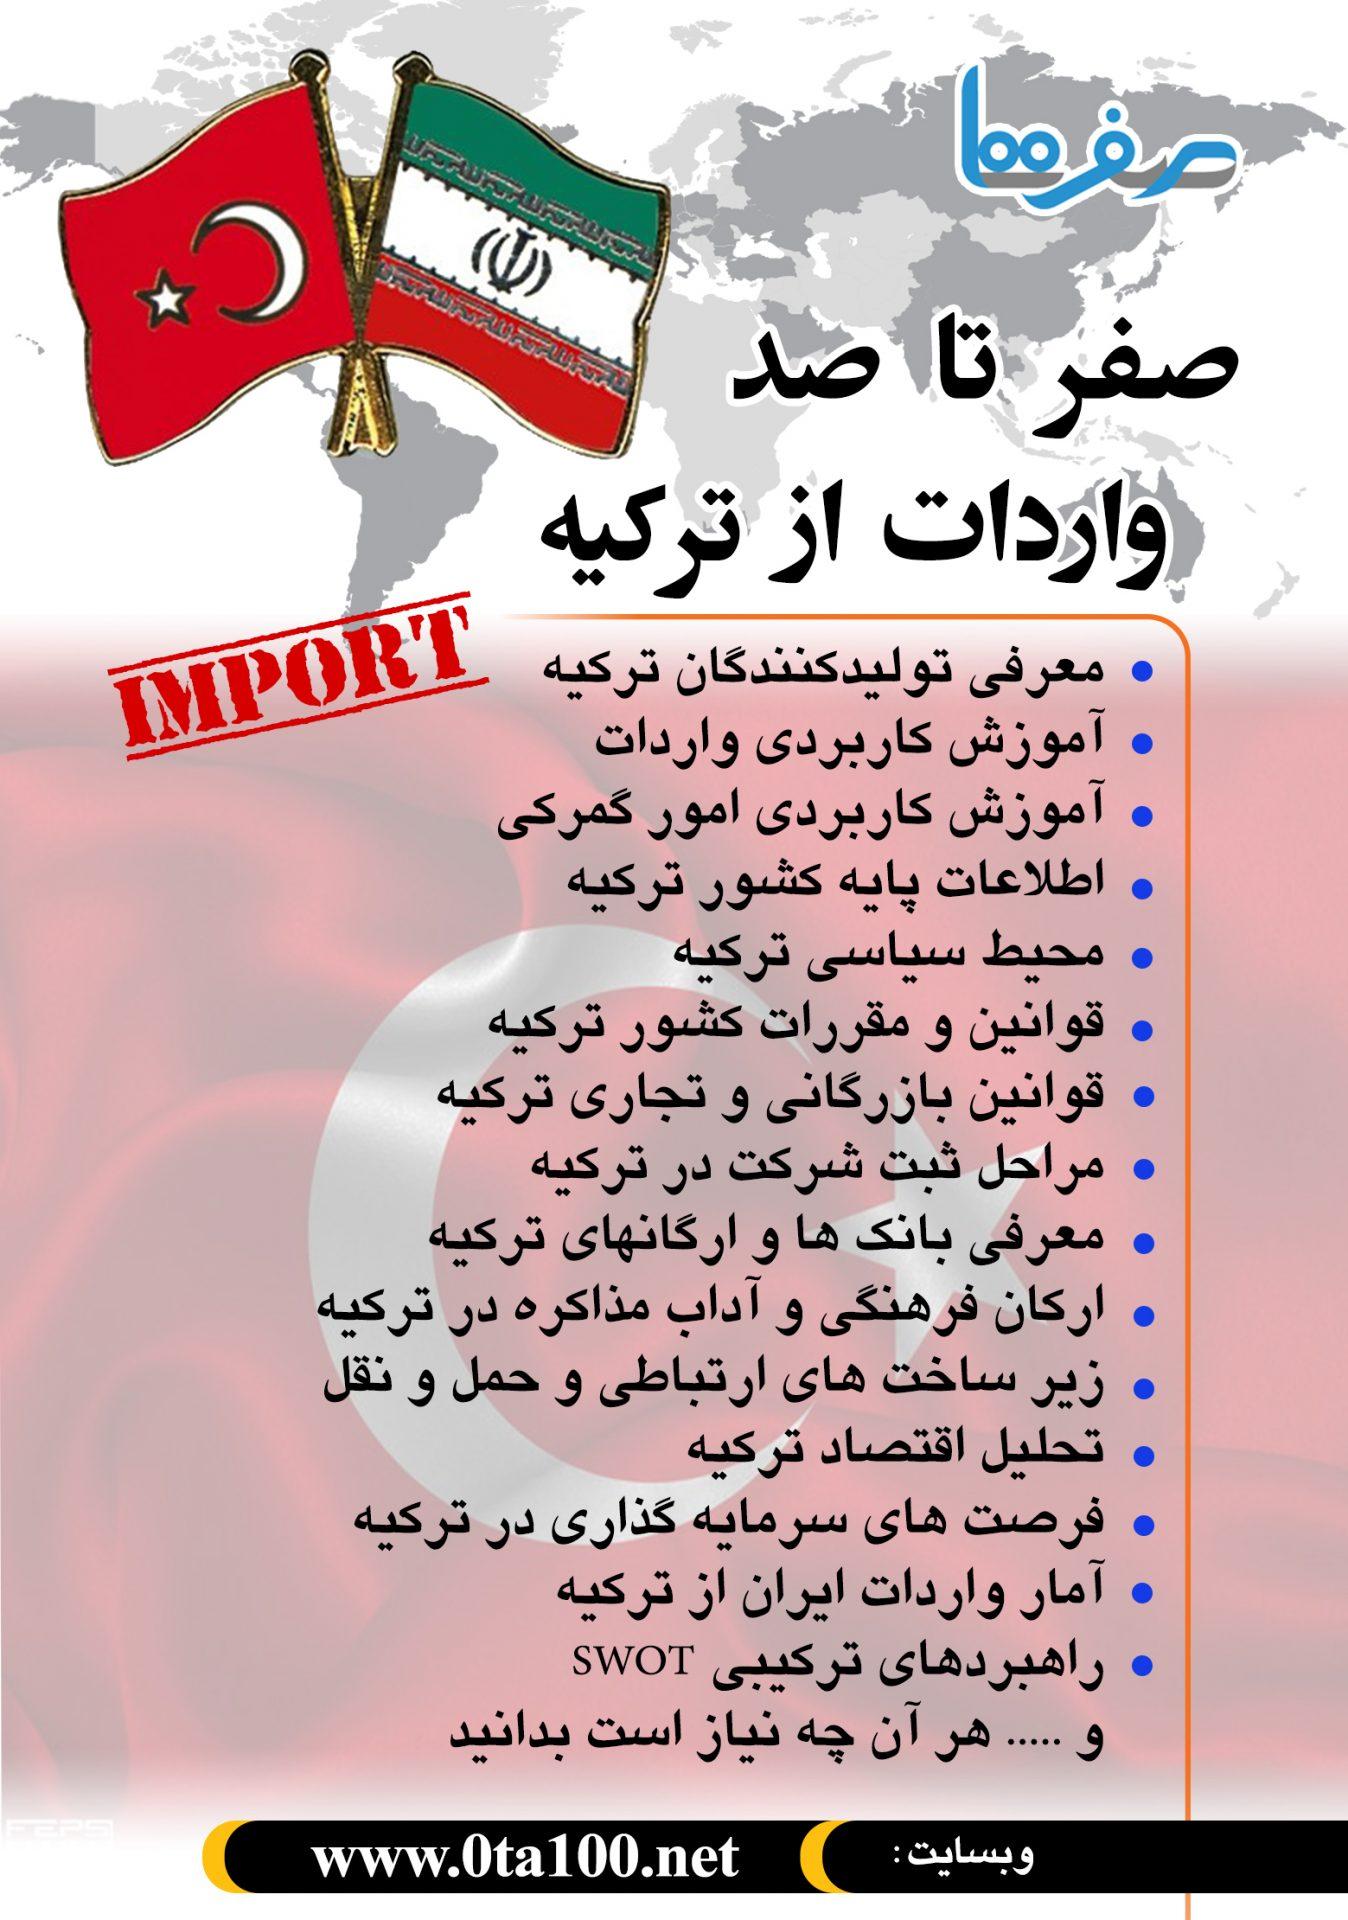 واردات ایران از ترکیه